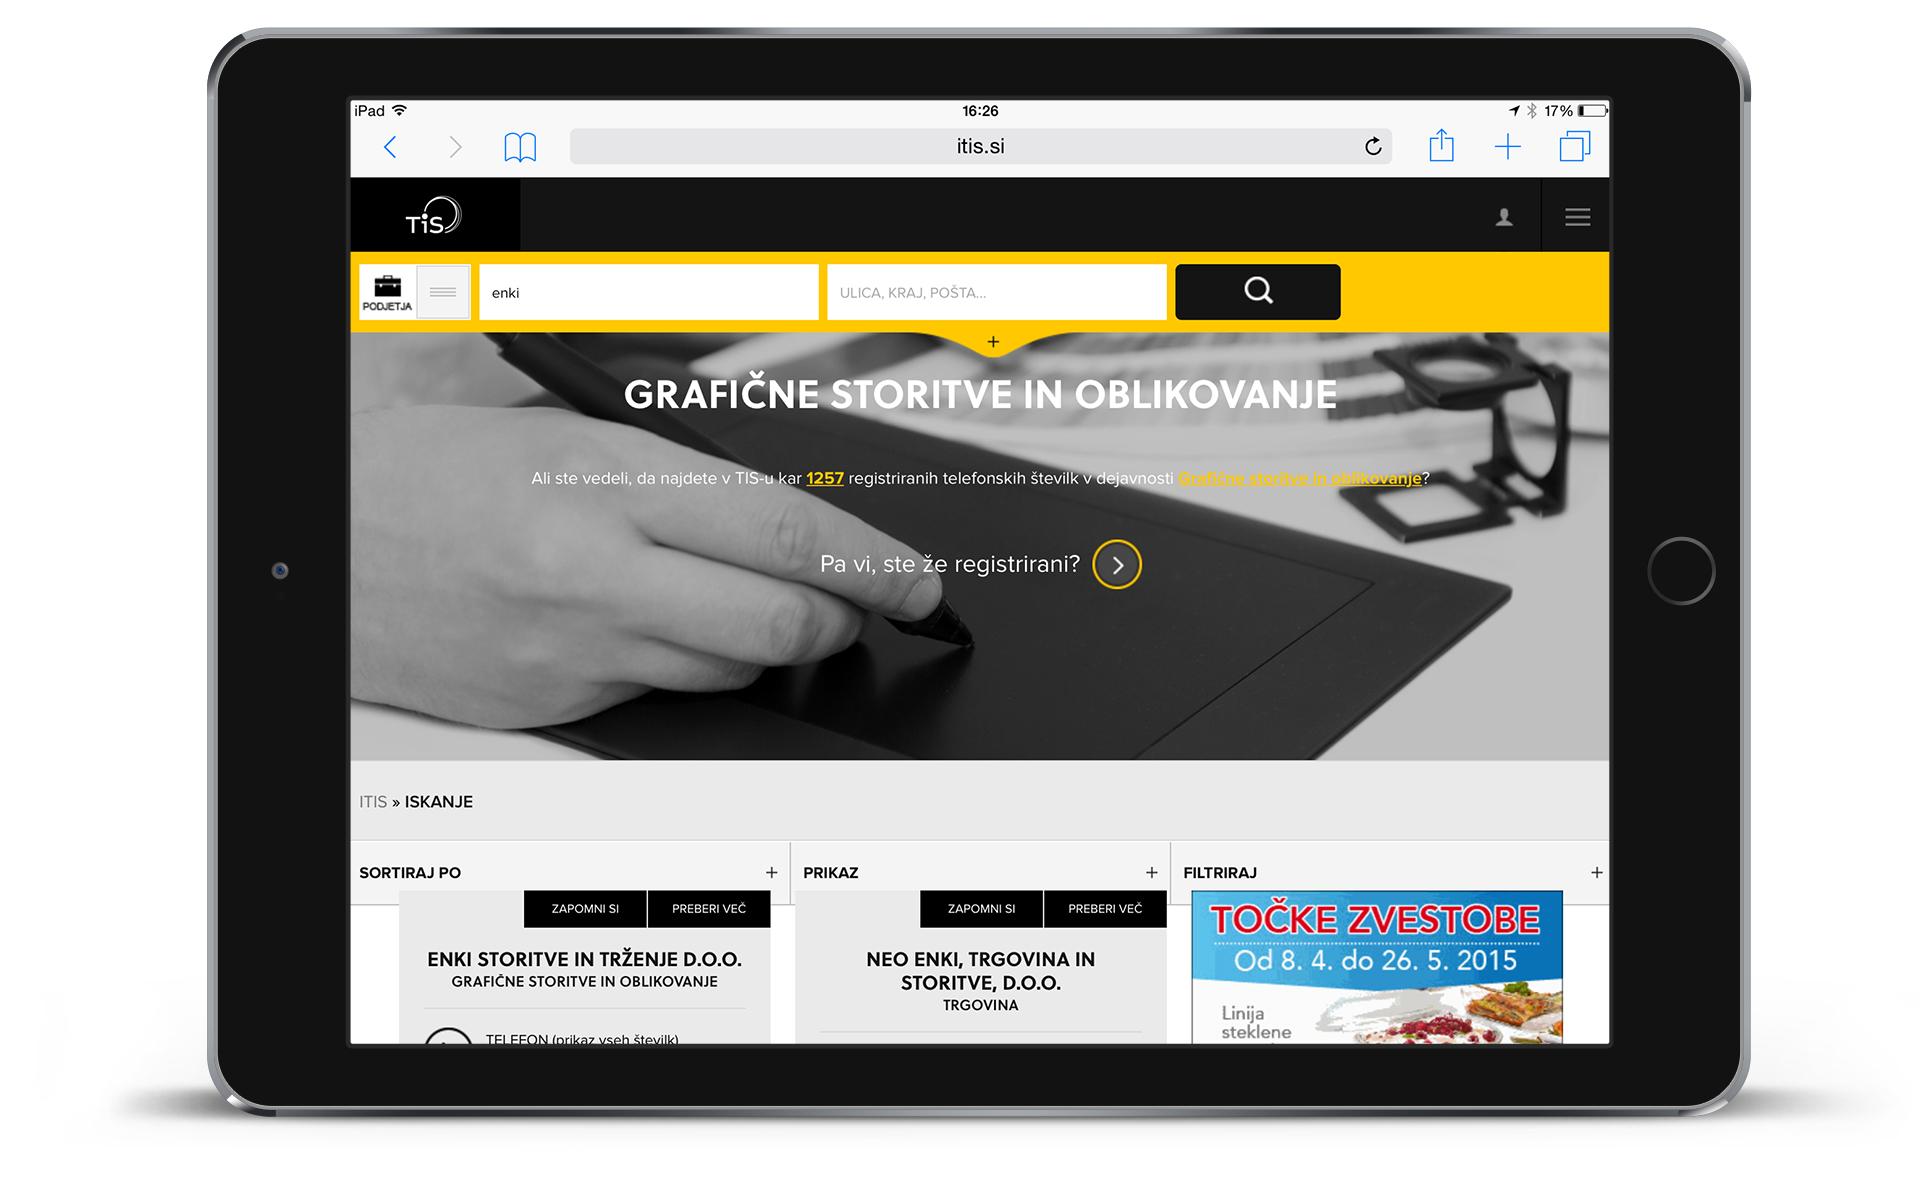 Telefonski imenik Slovenije - grafična podoba spletne strani